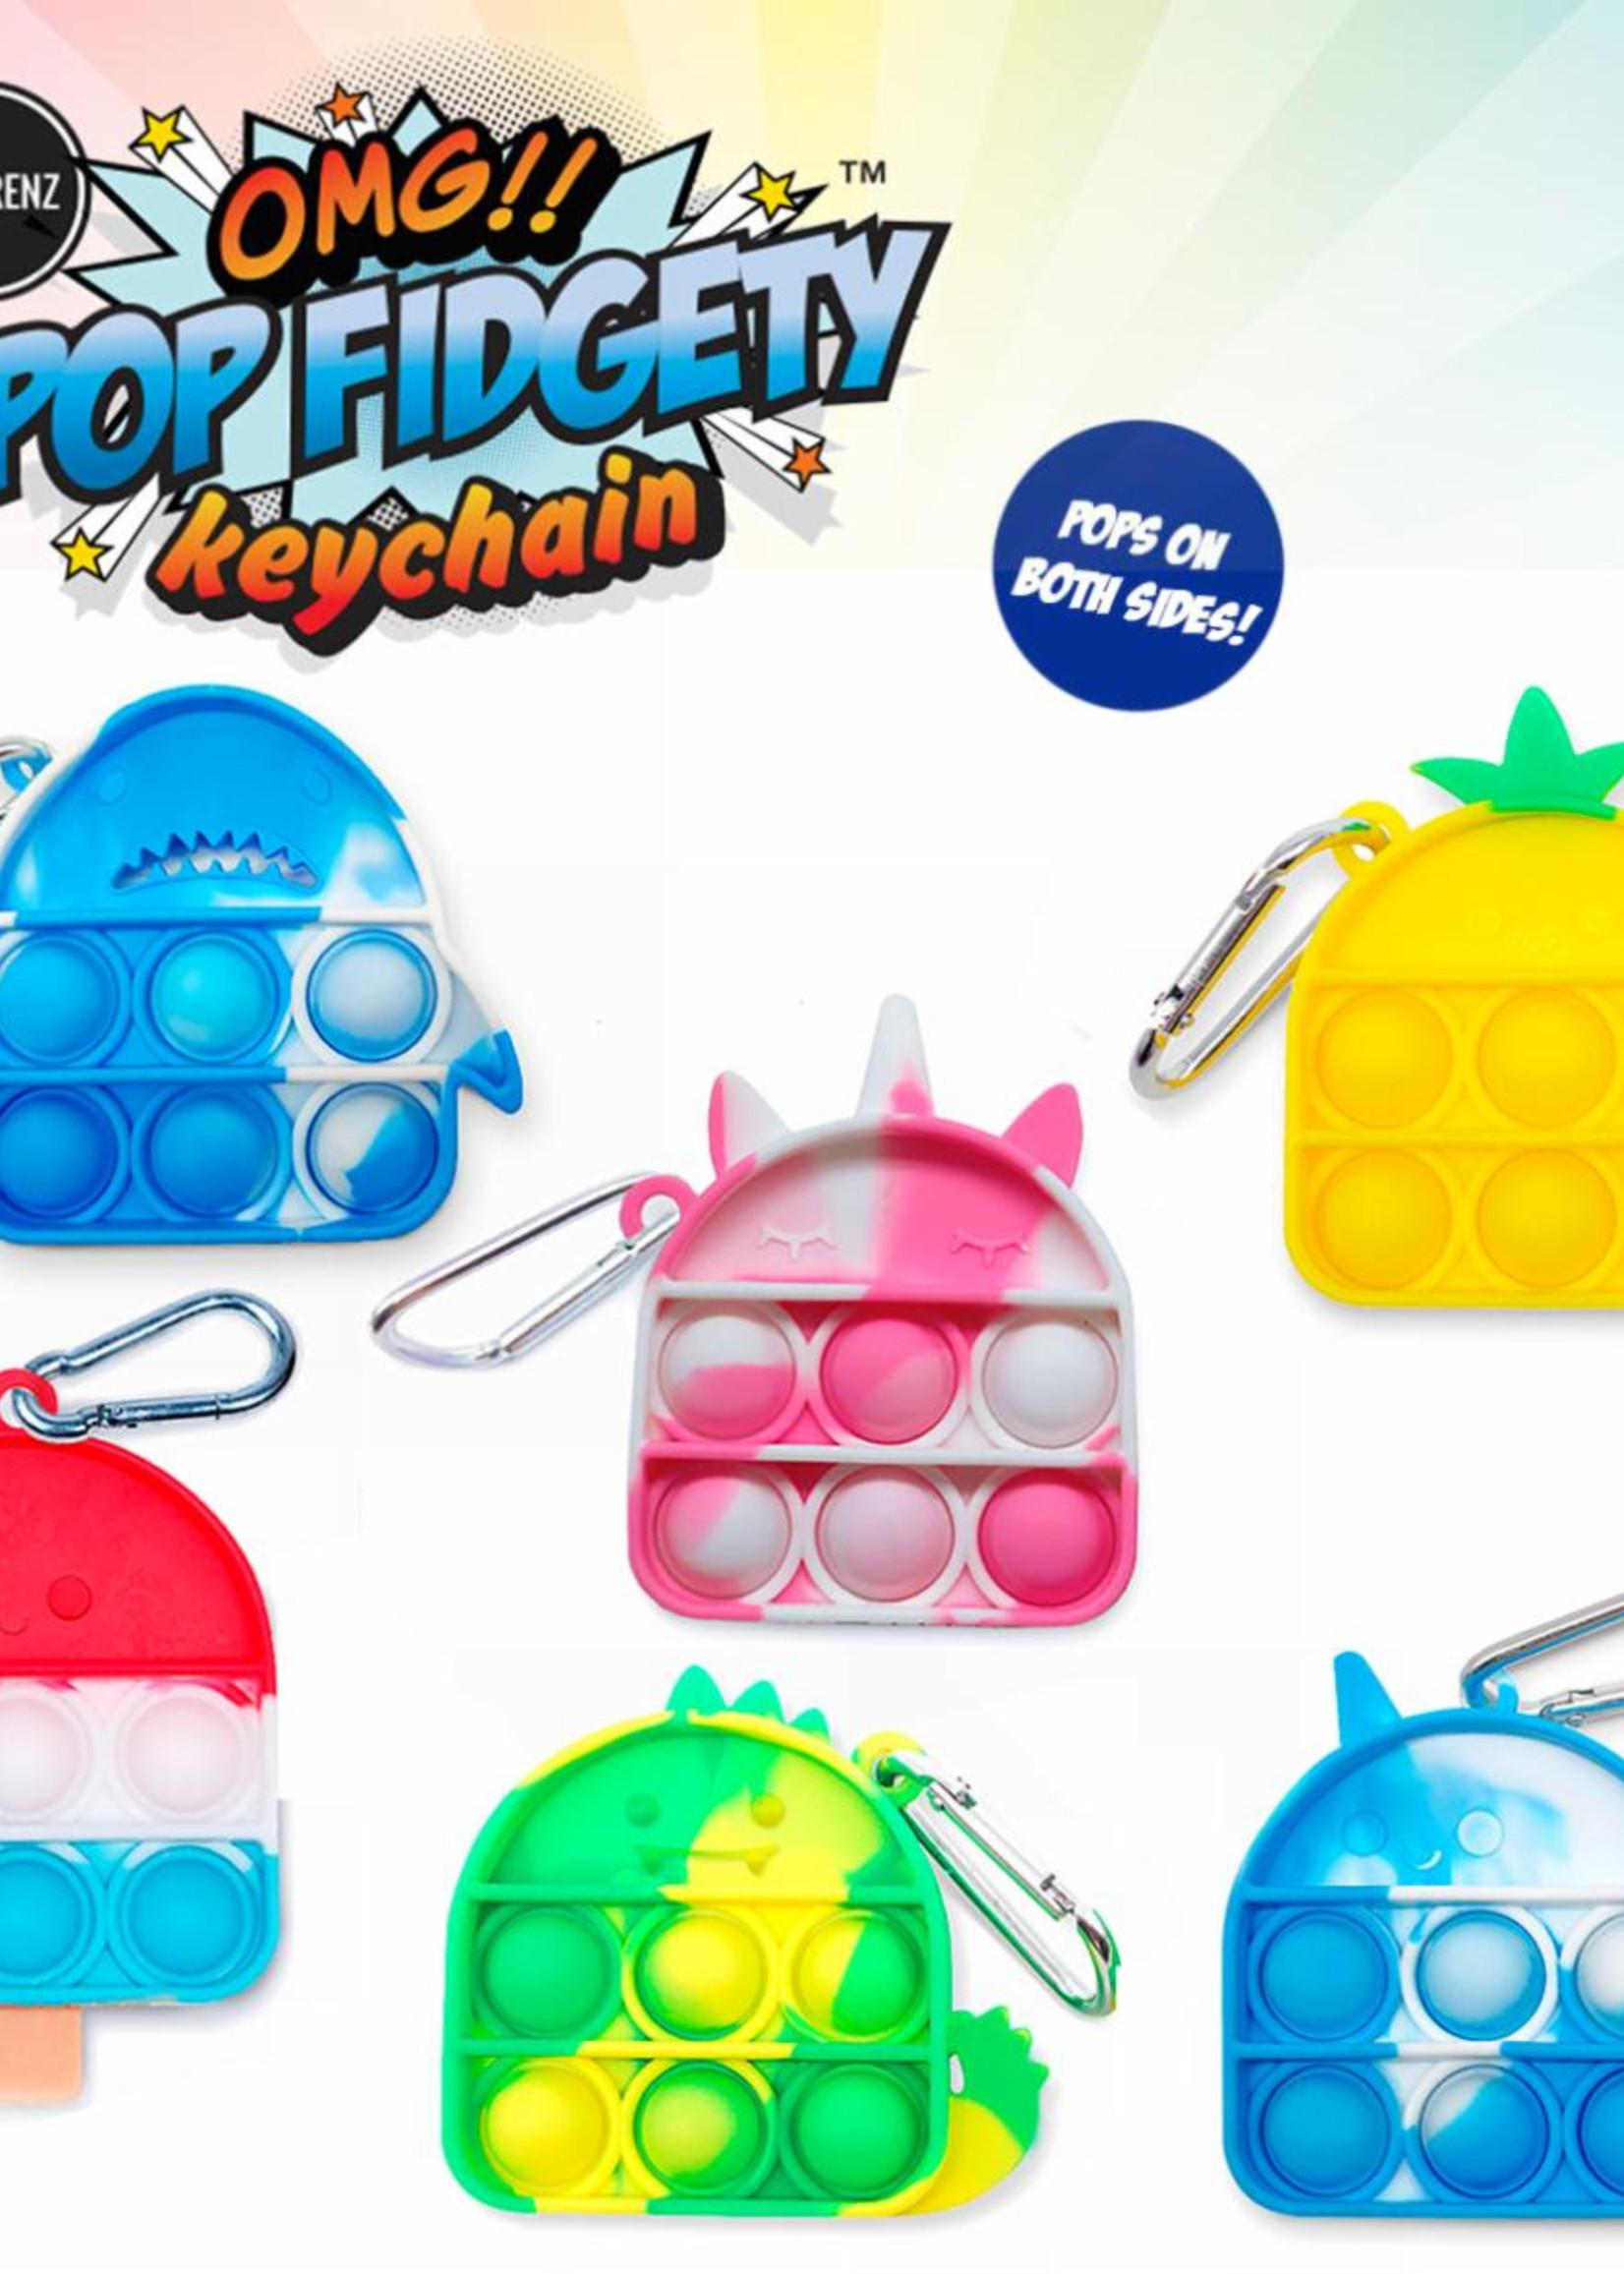 OMG Pop Fidgety keychain